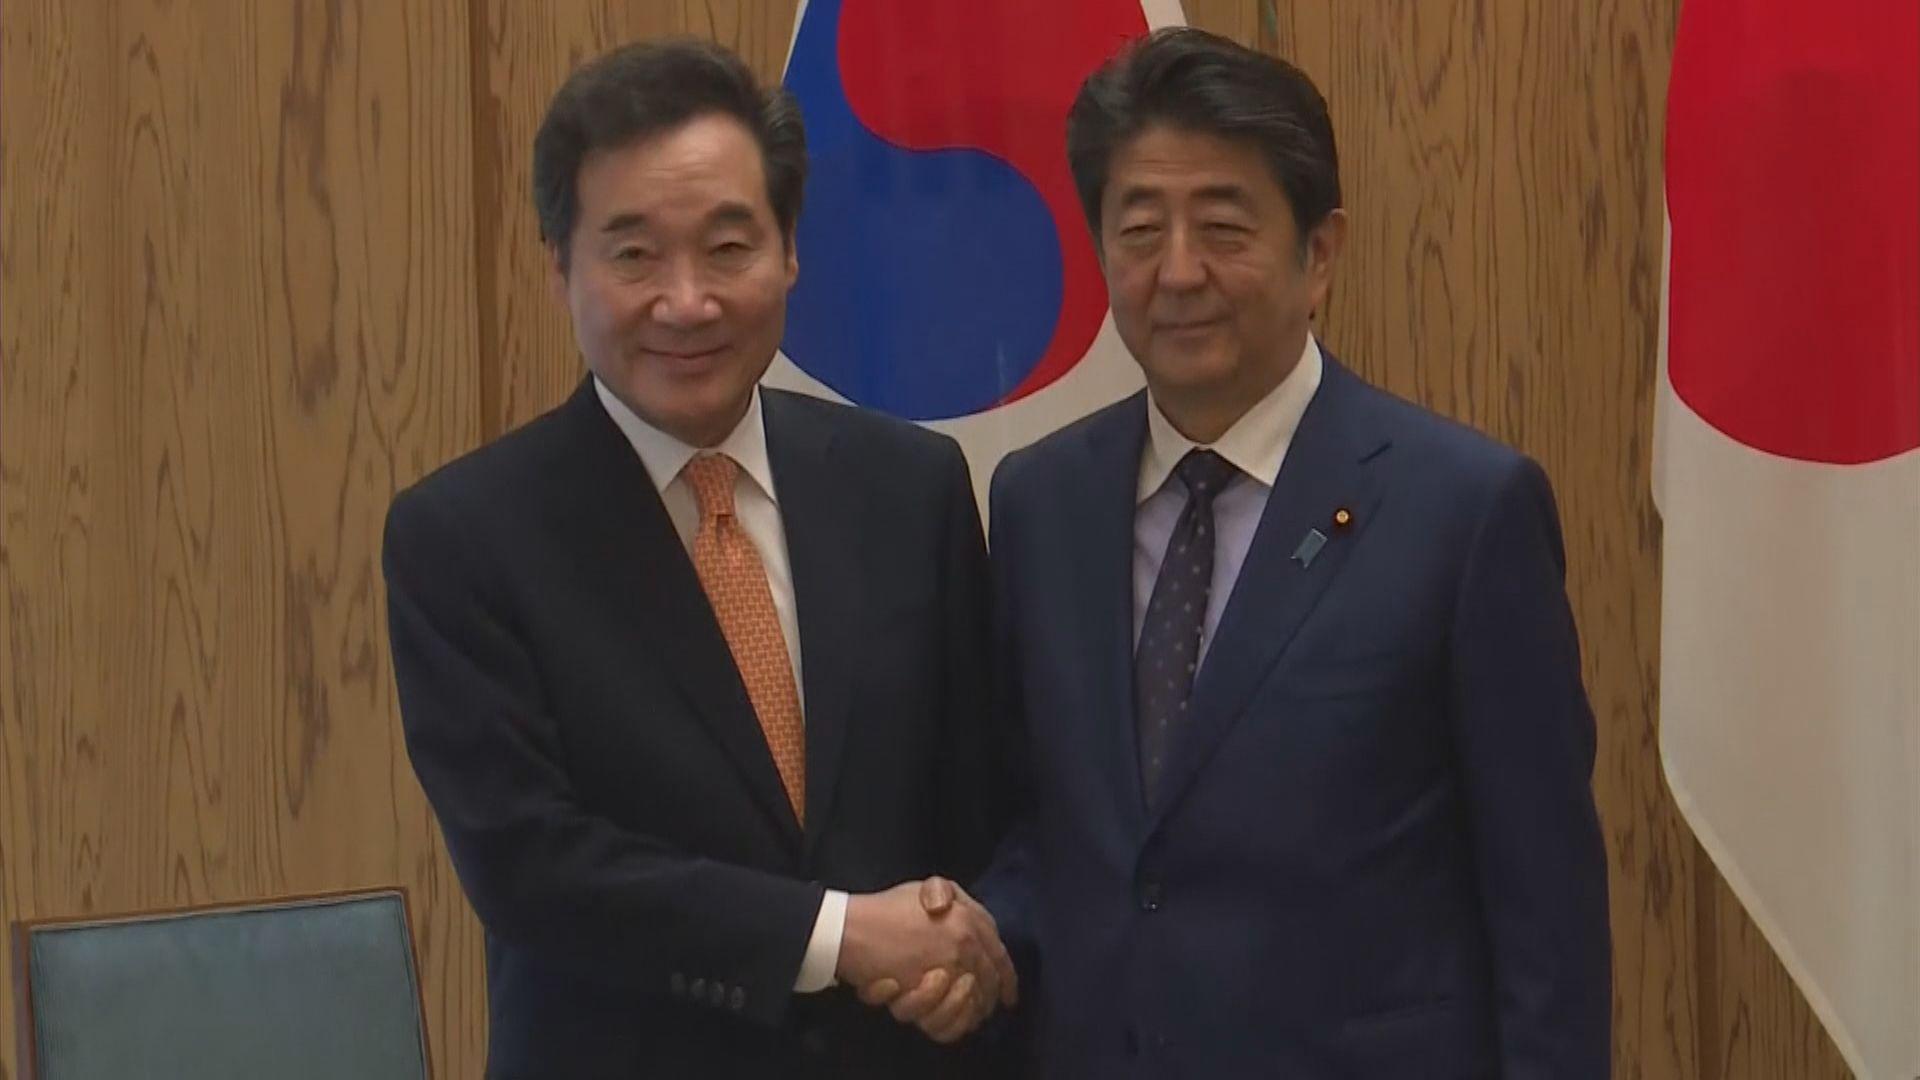 分析:安倍晤李洛淵對改善日韓關係作用不大